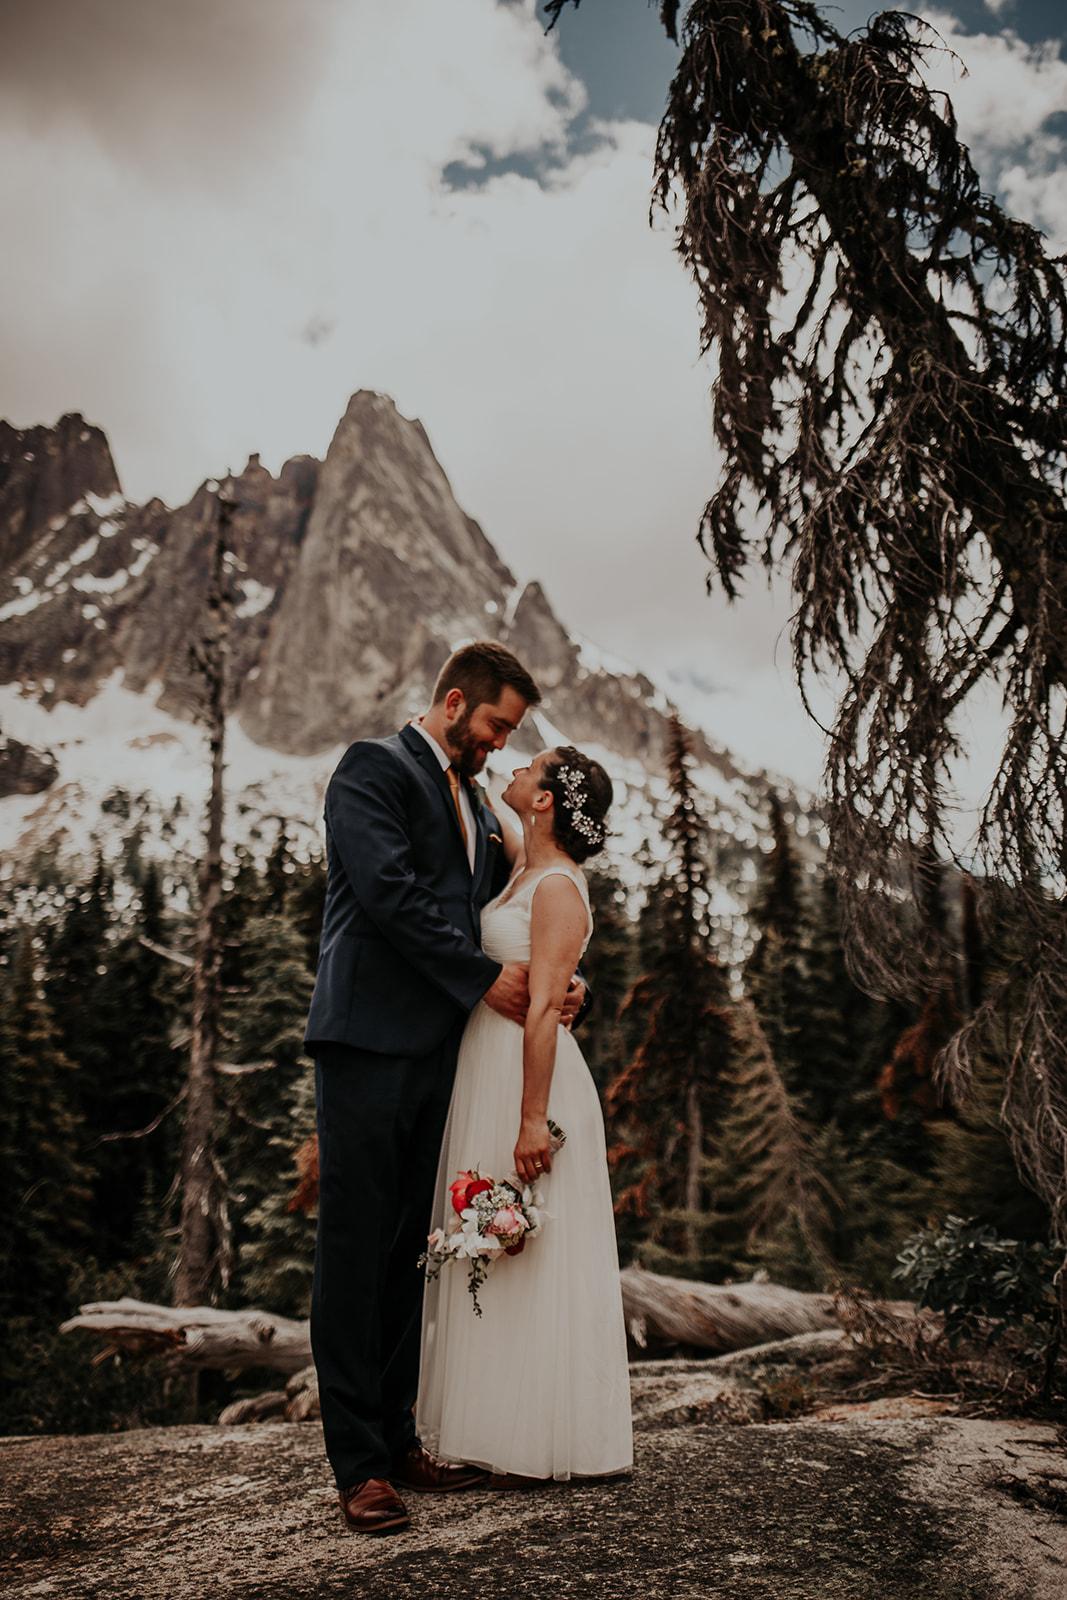 lisaandzack-north-cascades-elopement-wedding-megan-gallagher-photogarphy (7).jpg